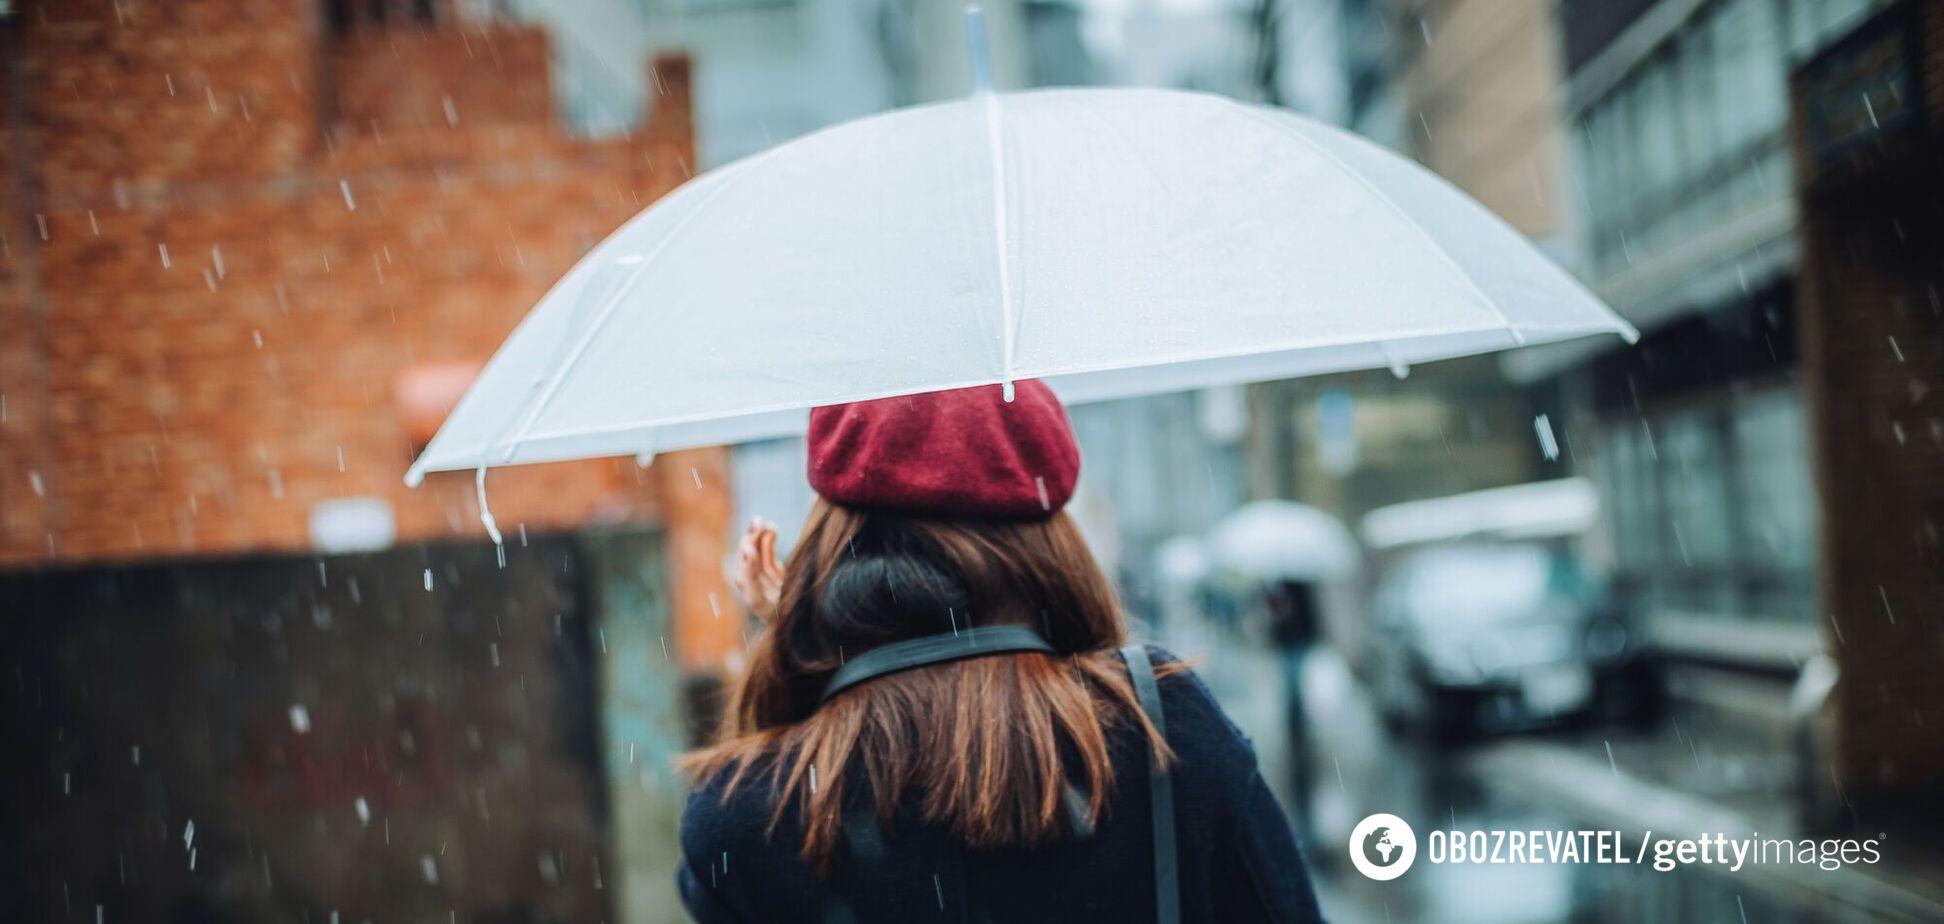 Похолодает до +7 и пойдут дожди: синоптик уточнила прогноз погоды в Украине